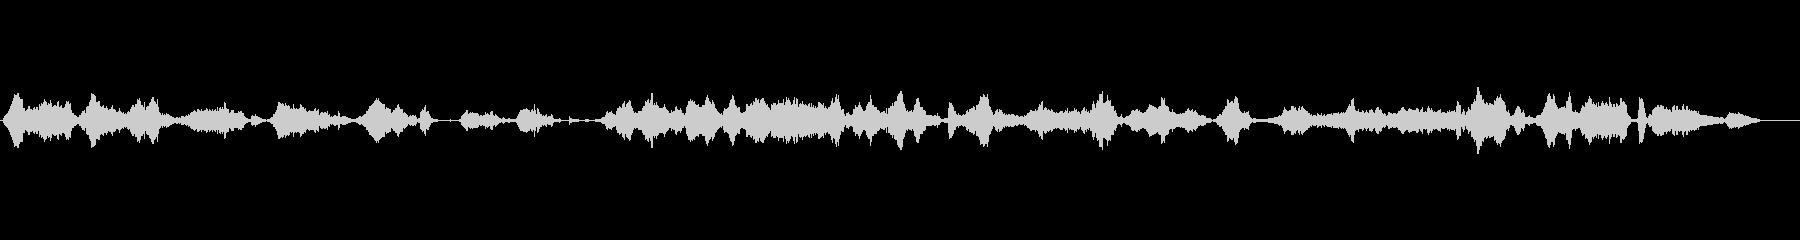 男性:うめき声とうめき声の未再生の波形